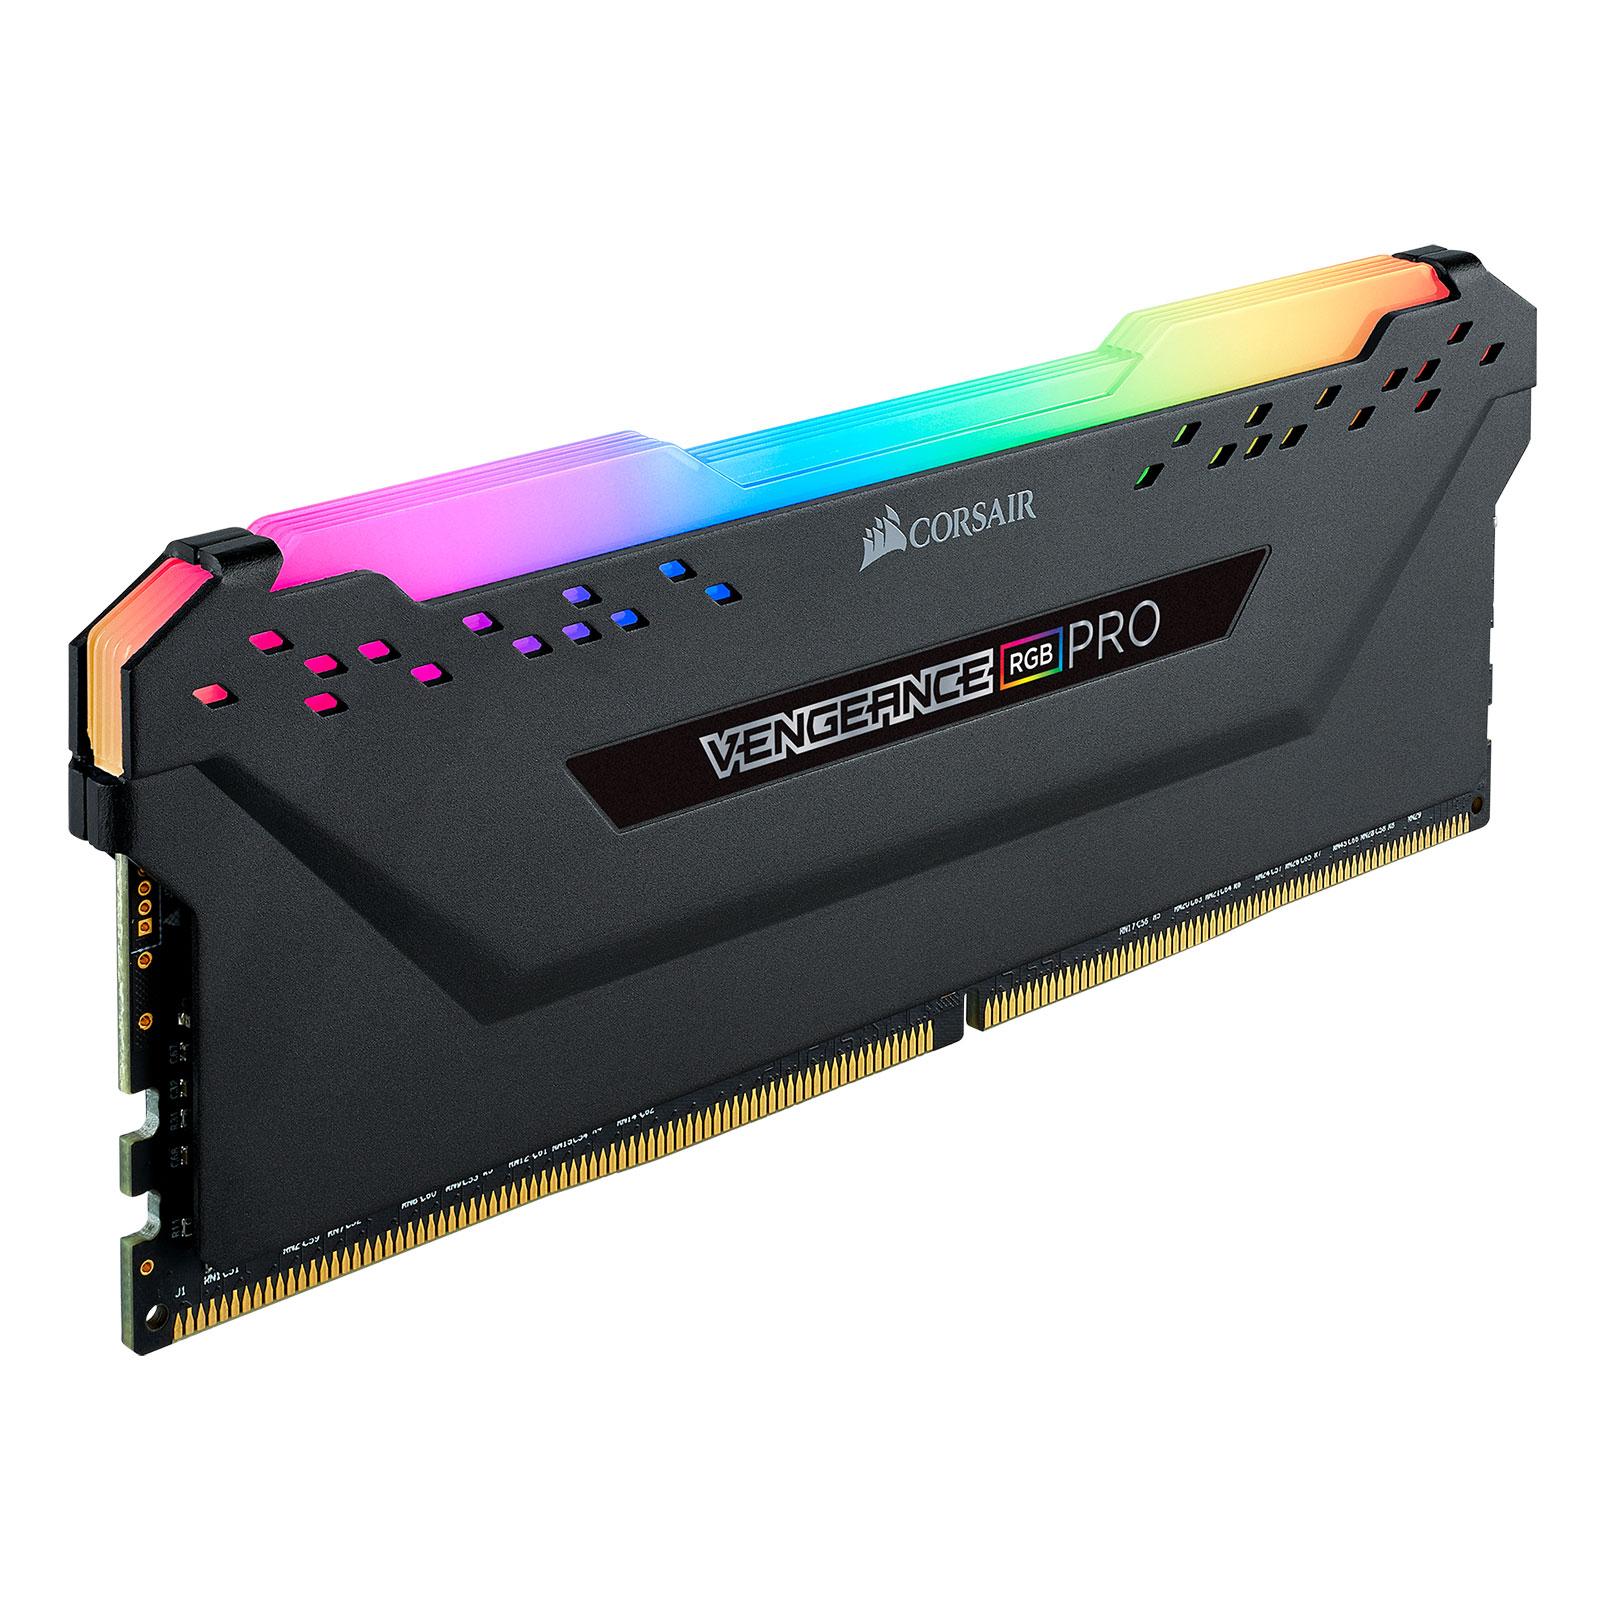 Corsair Vengeance RGB PRO Black Heat Spreader  16Go DDR4 3000MHz PC24000 - Mémoire PC Corsair sur Cybertek.fr - 2